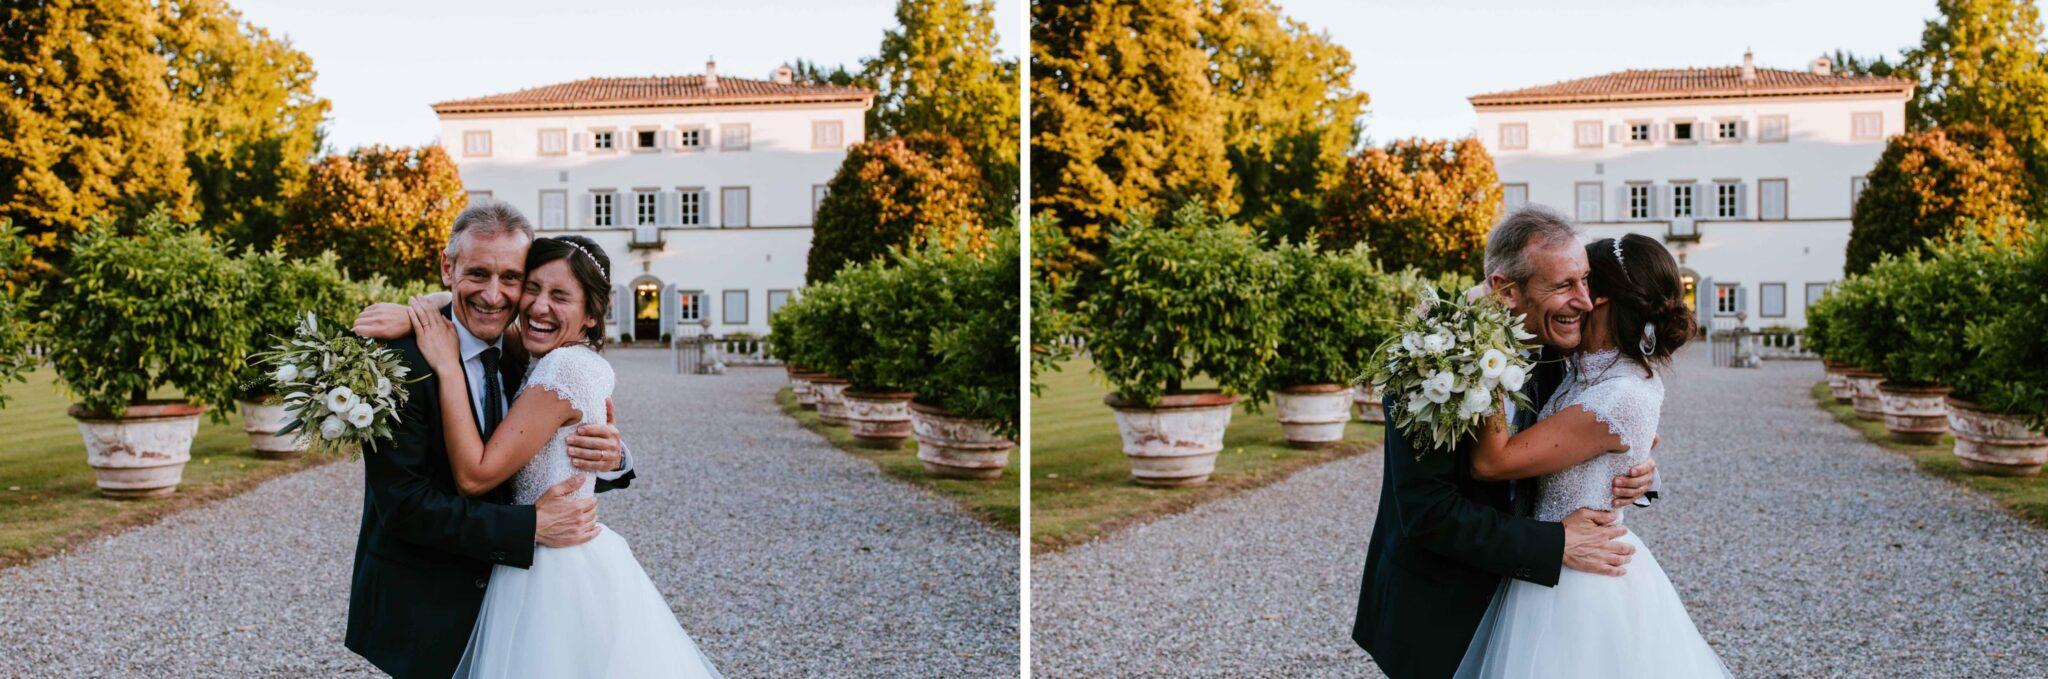 foto con il papà a Villa Grabau